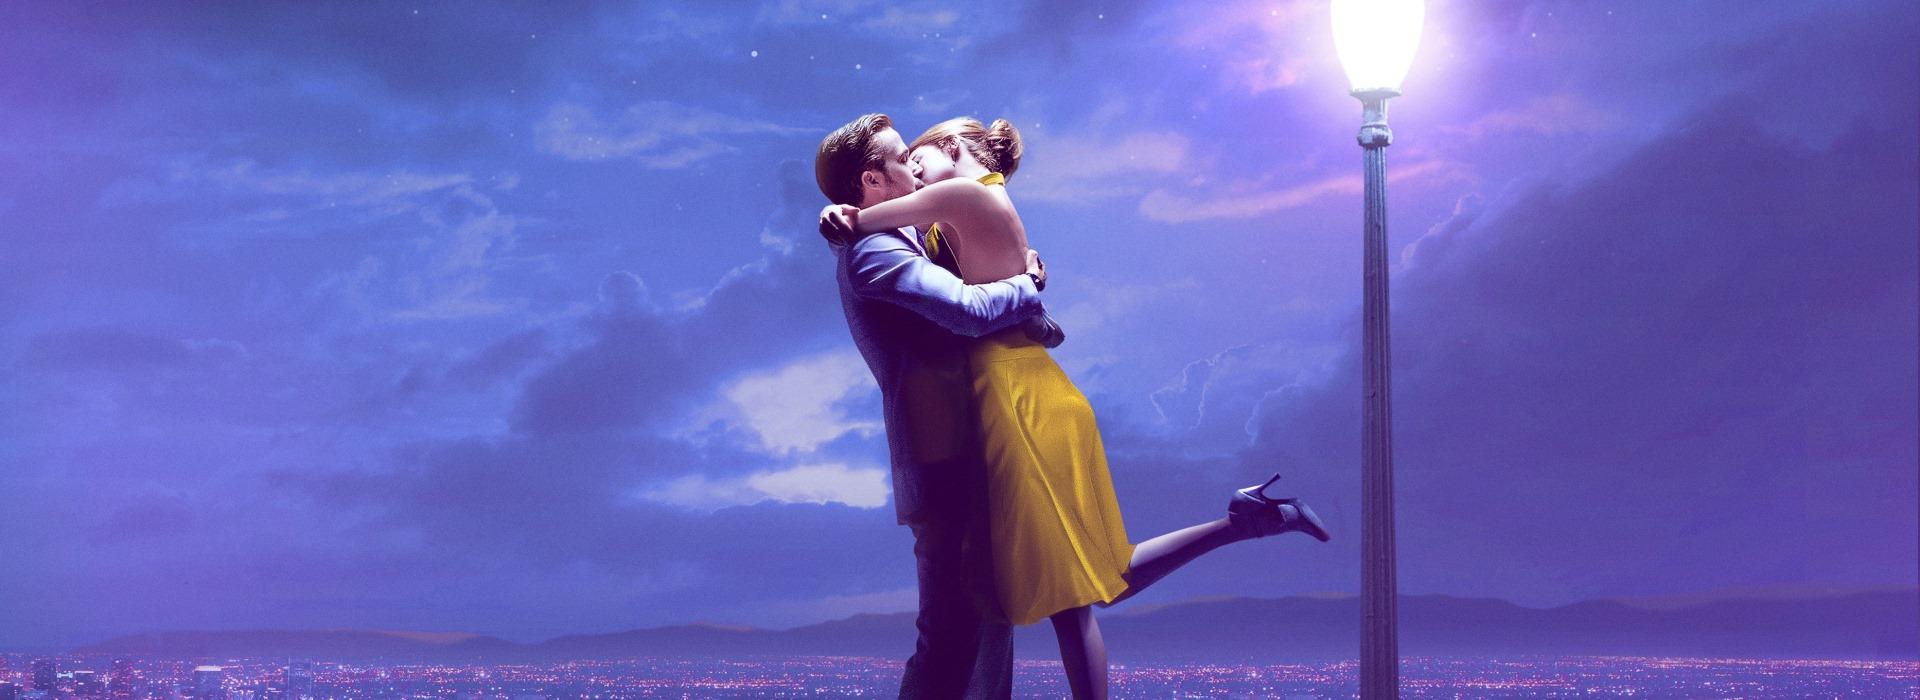 La La Land 1080p [WEB-DL] cover